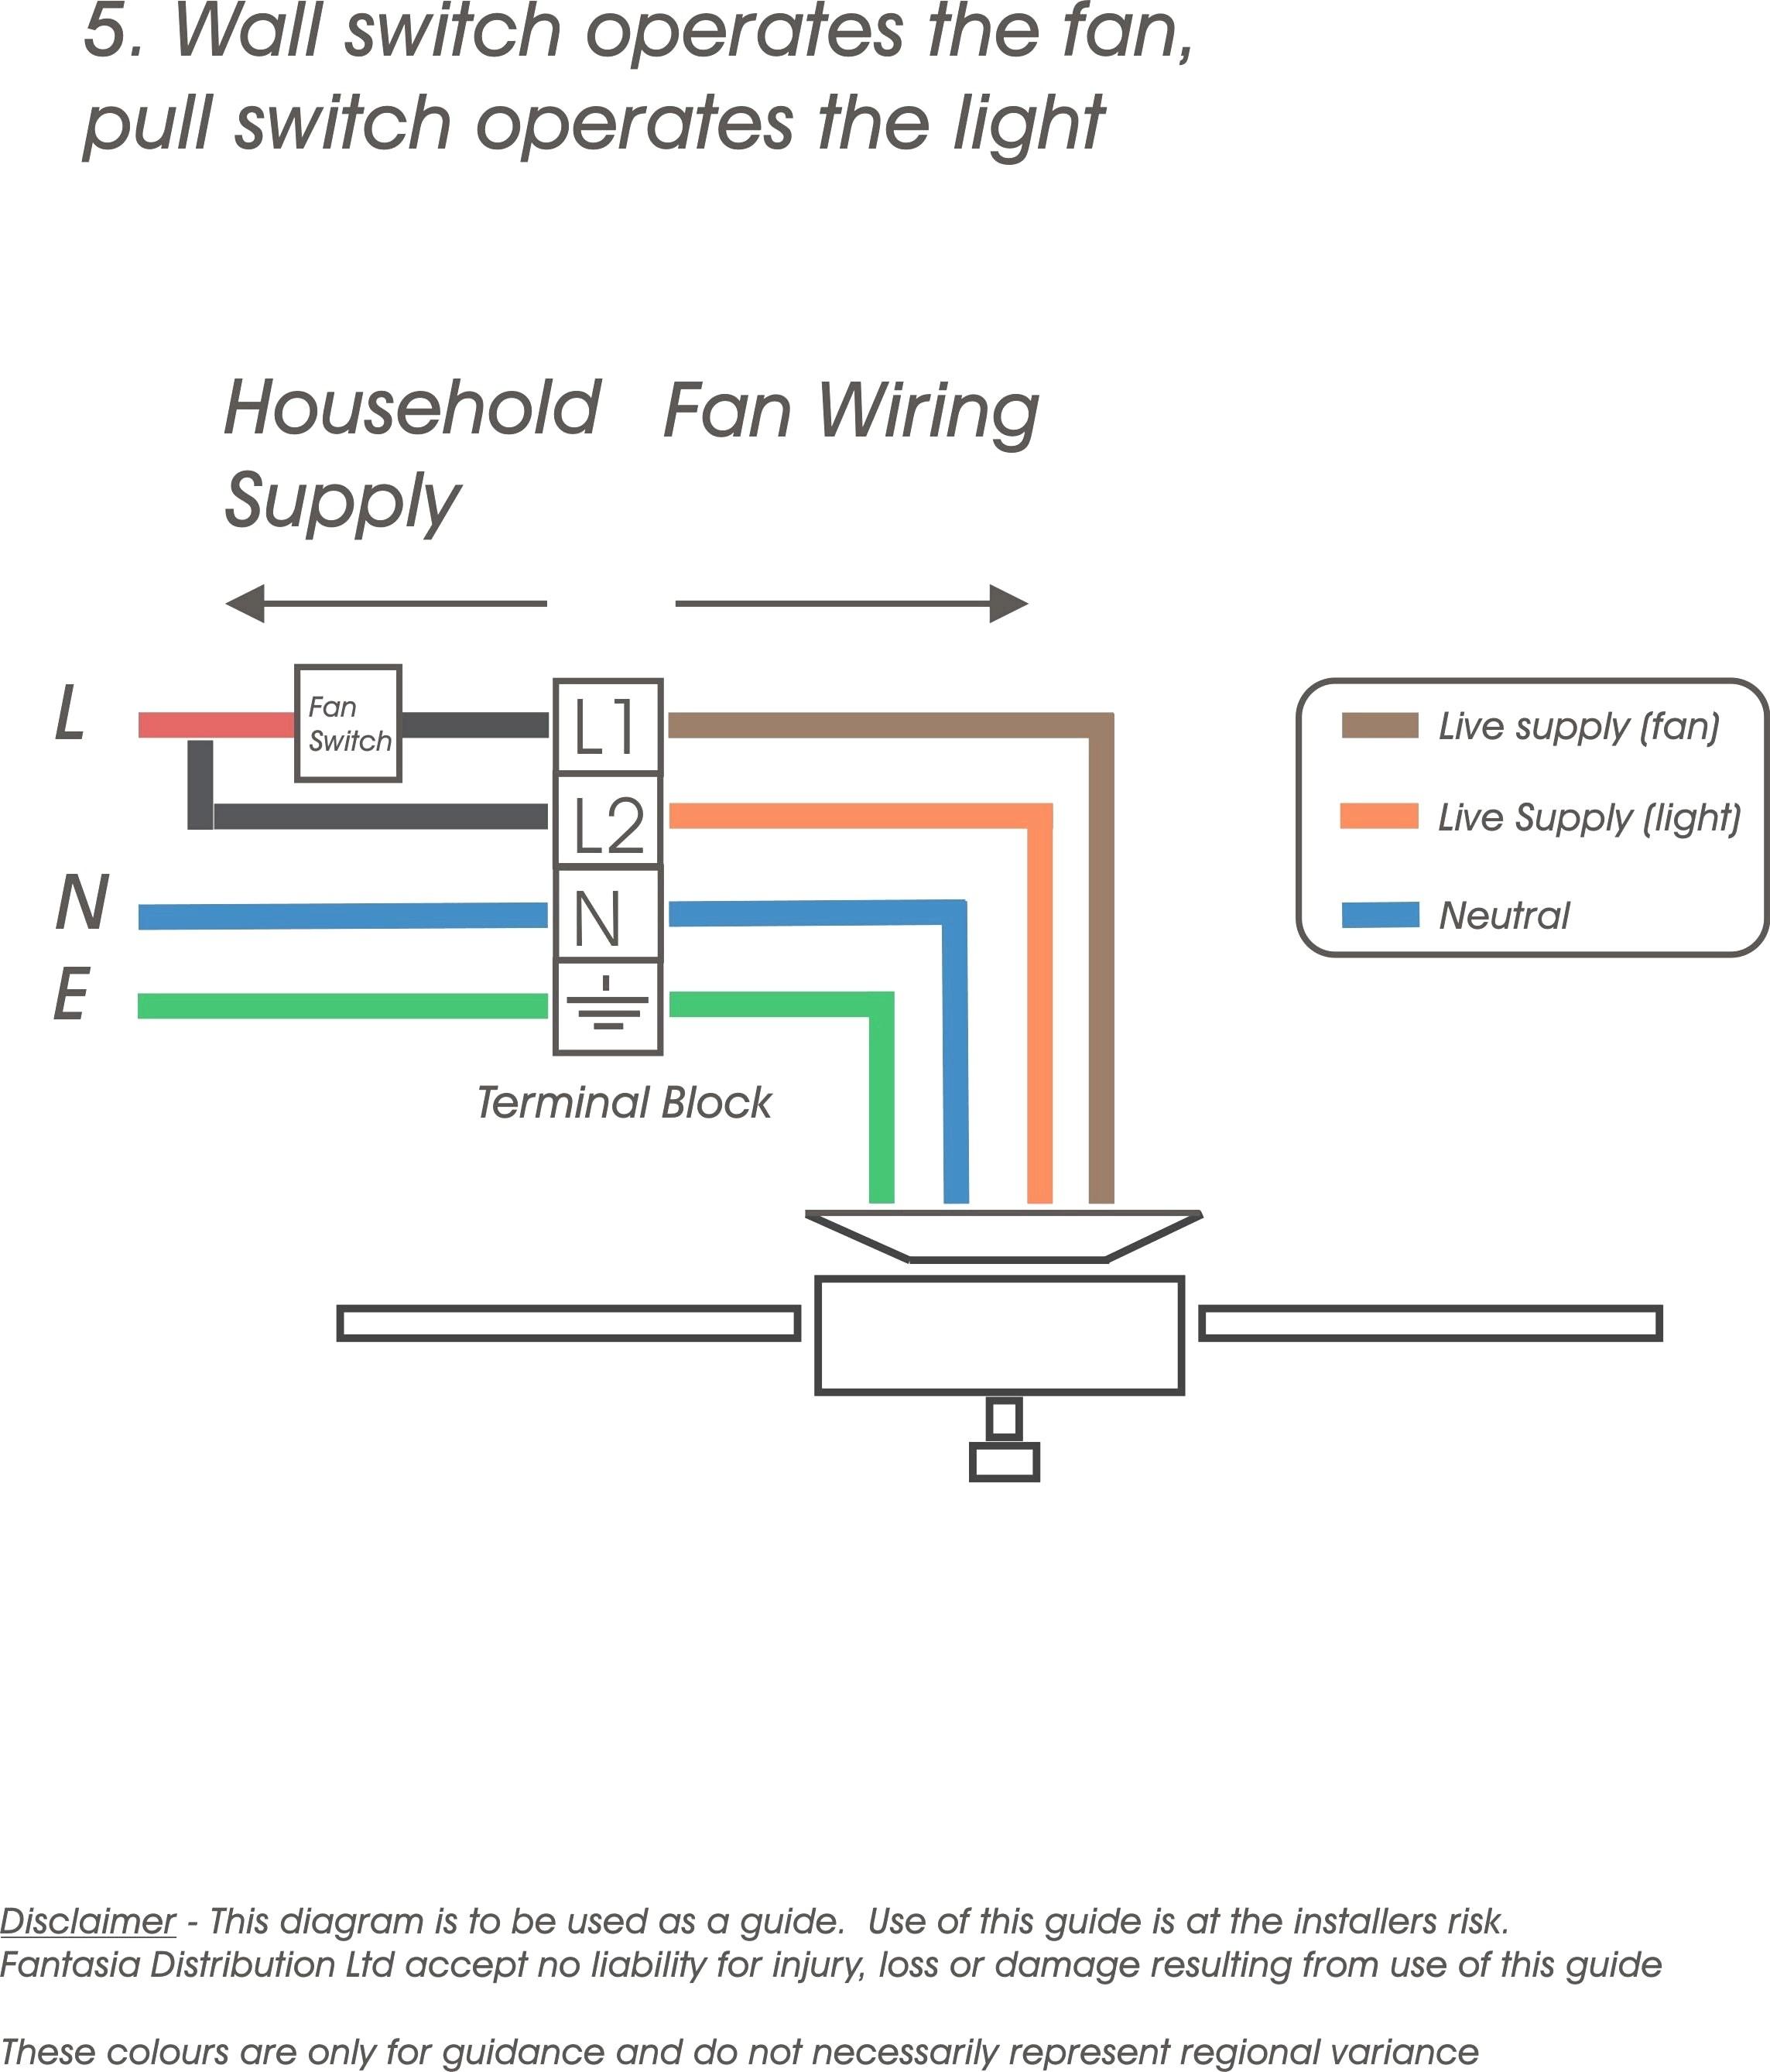 Leviton 3 Way Dimmer Wiring Diagram Leviton Dimmers Wiring Diagram B2network Of Leviton 3 Way Dimmer Wiring Diagram